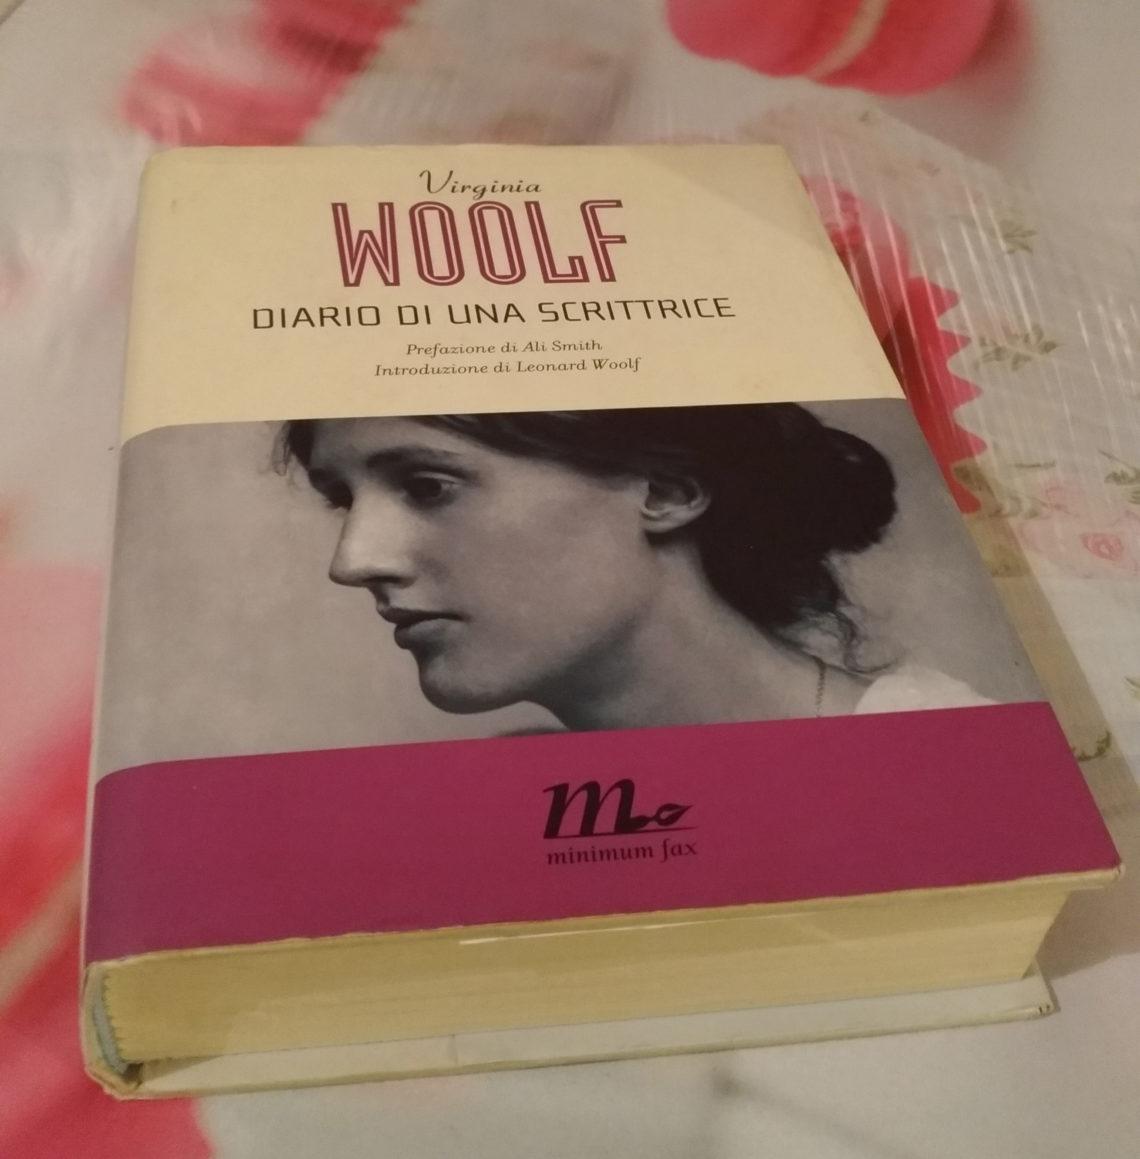 Virginia Woolf - Diario di una scrittrice